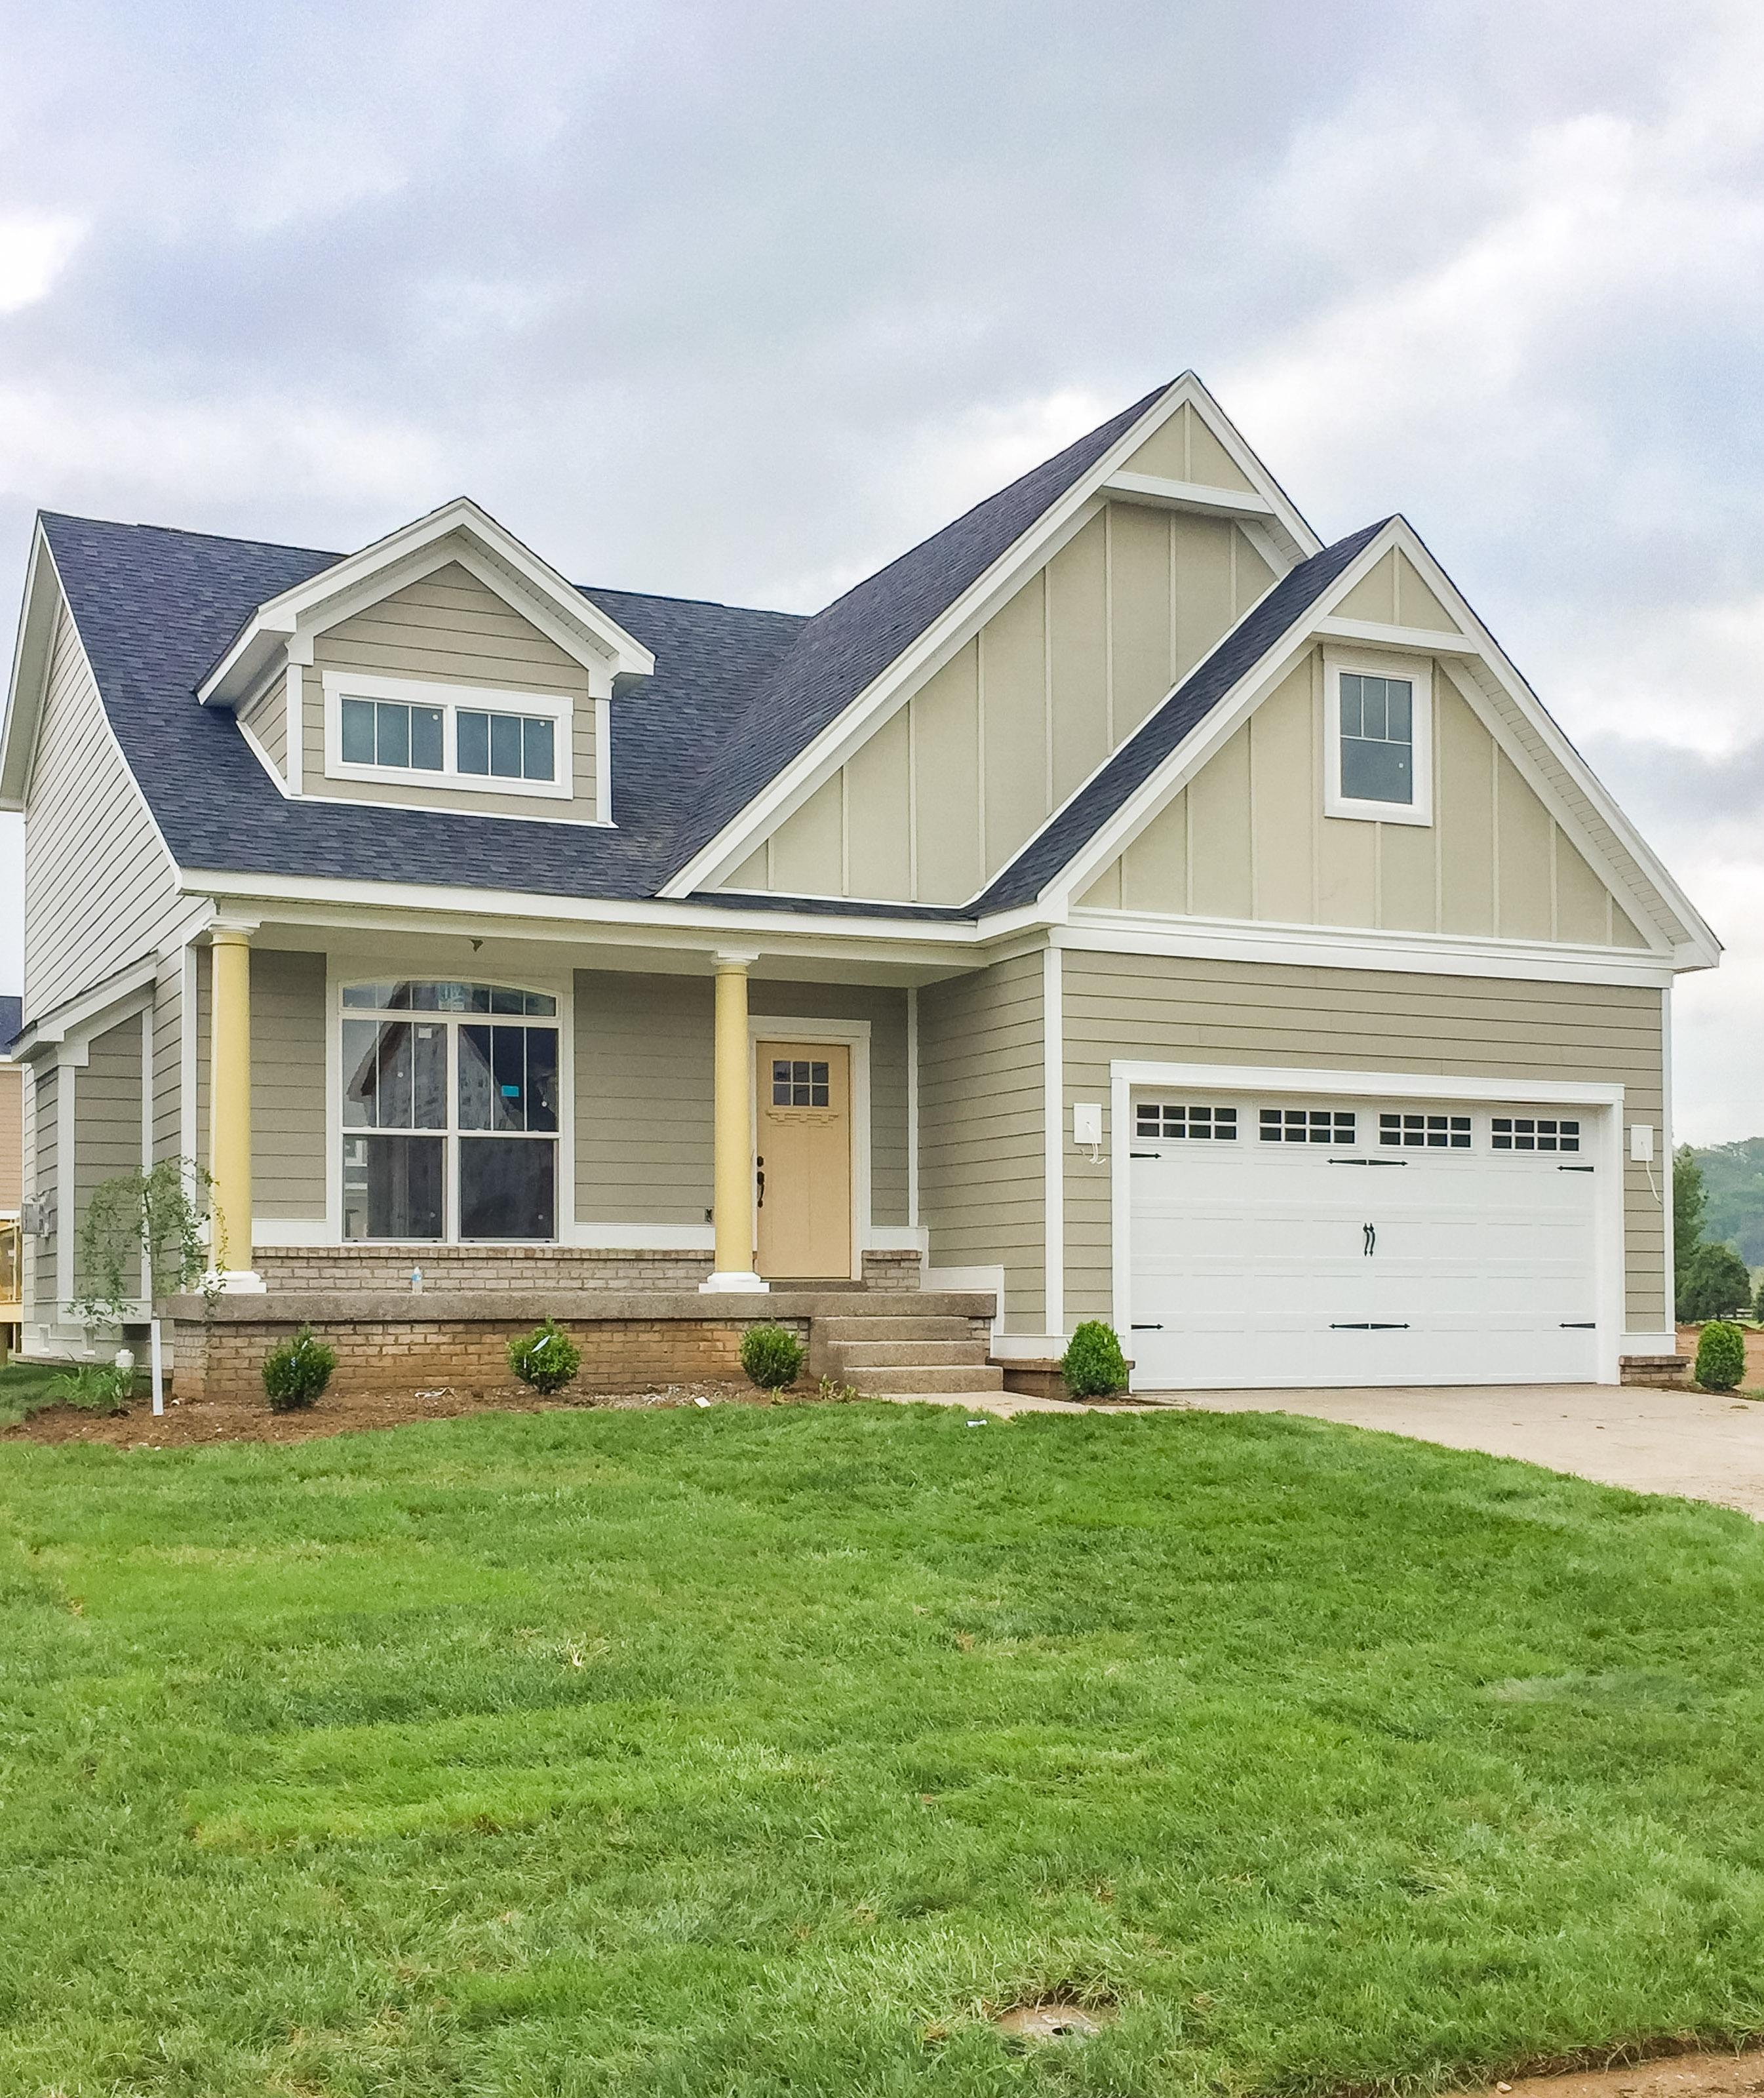 一戸建て のために 売買 アット 1705 Victory Place Prospect, ケンタッキー, 40059 アメリカ合衆国